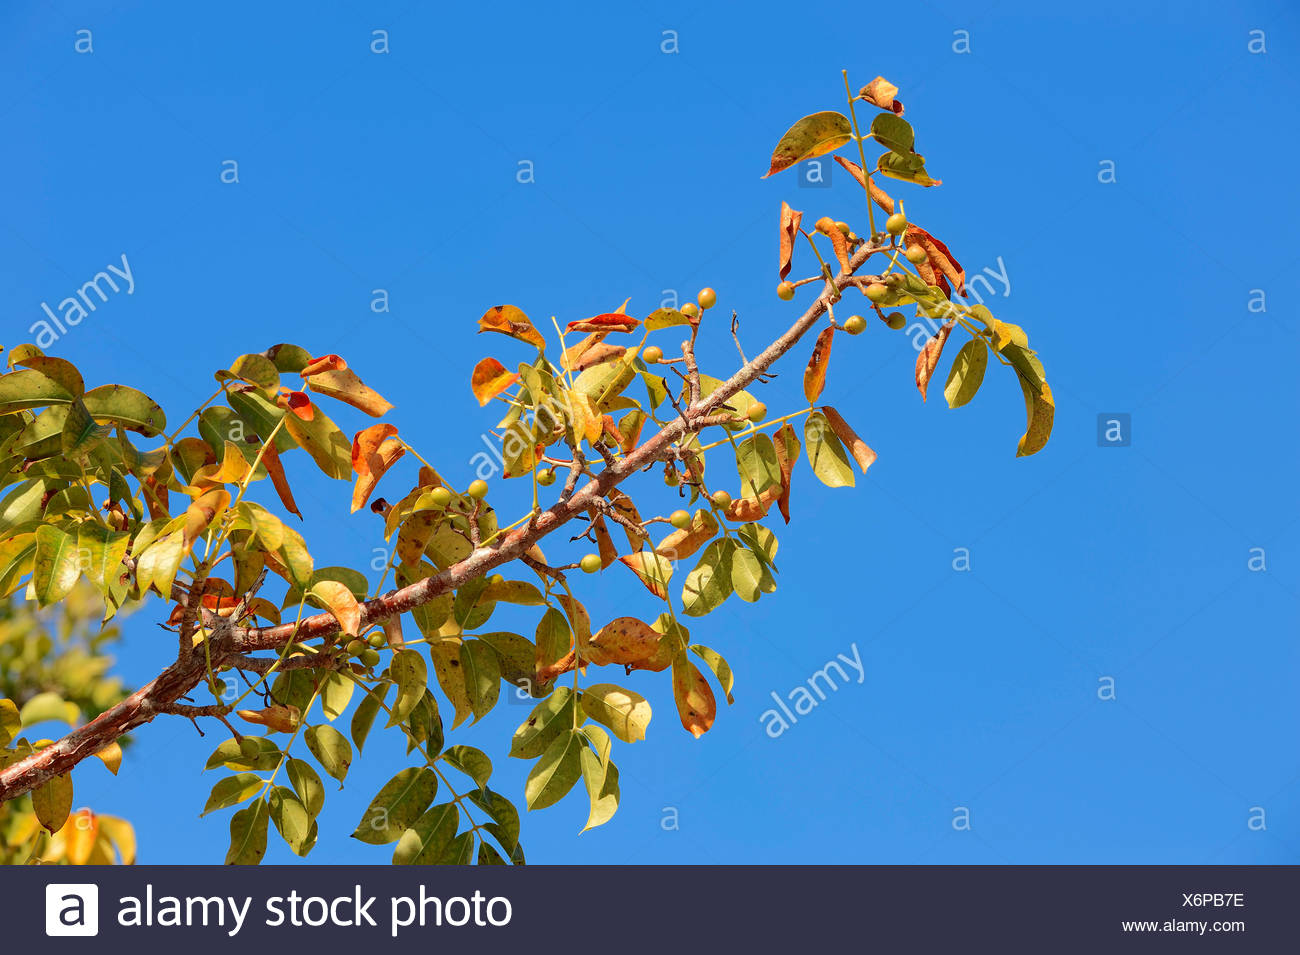 Gumbo-limbo, Copperwood or Chaca (Bursera simaruba), branch with fruit, Sanibel Island, Florida, United States - Stock Image